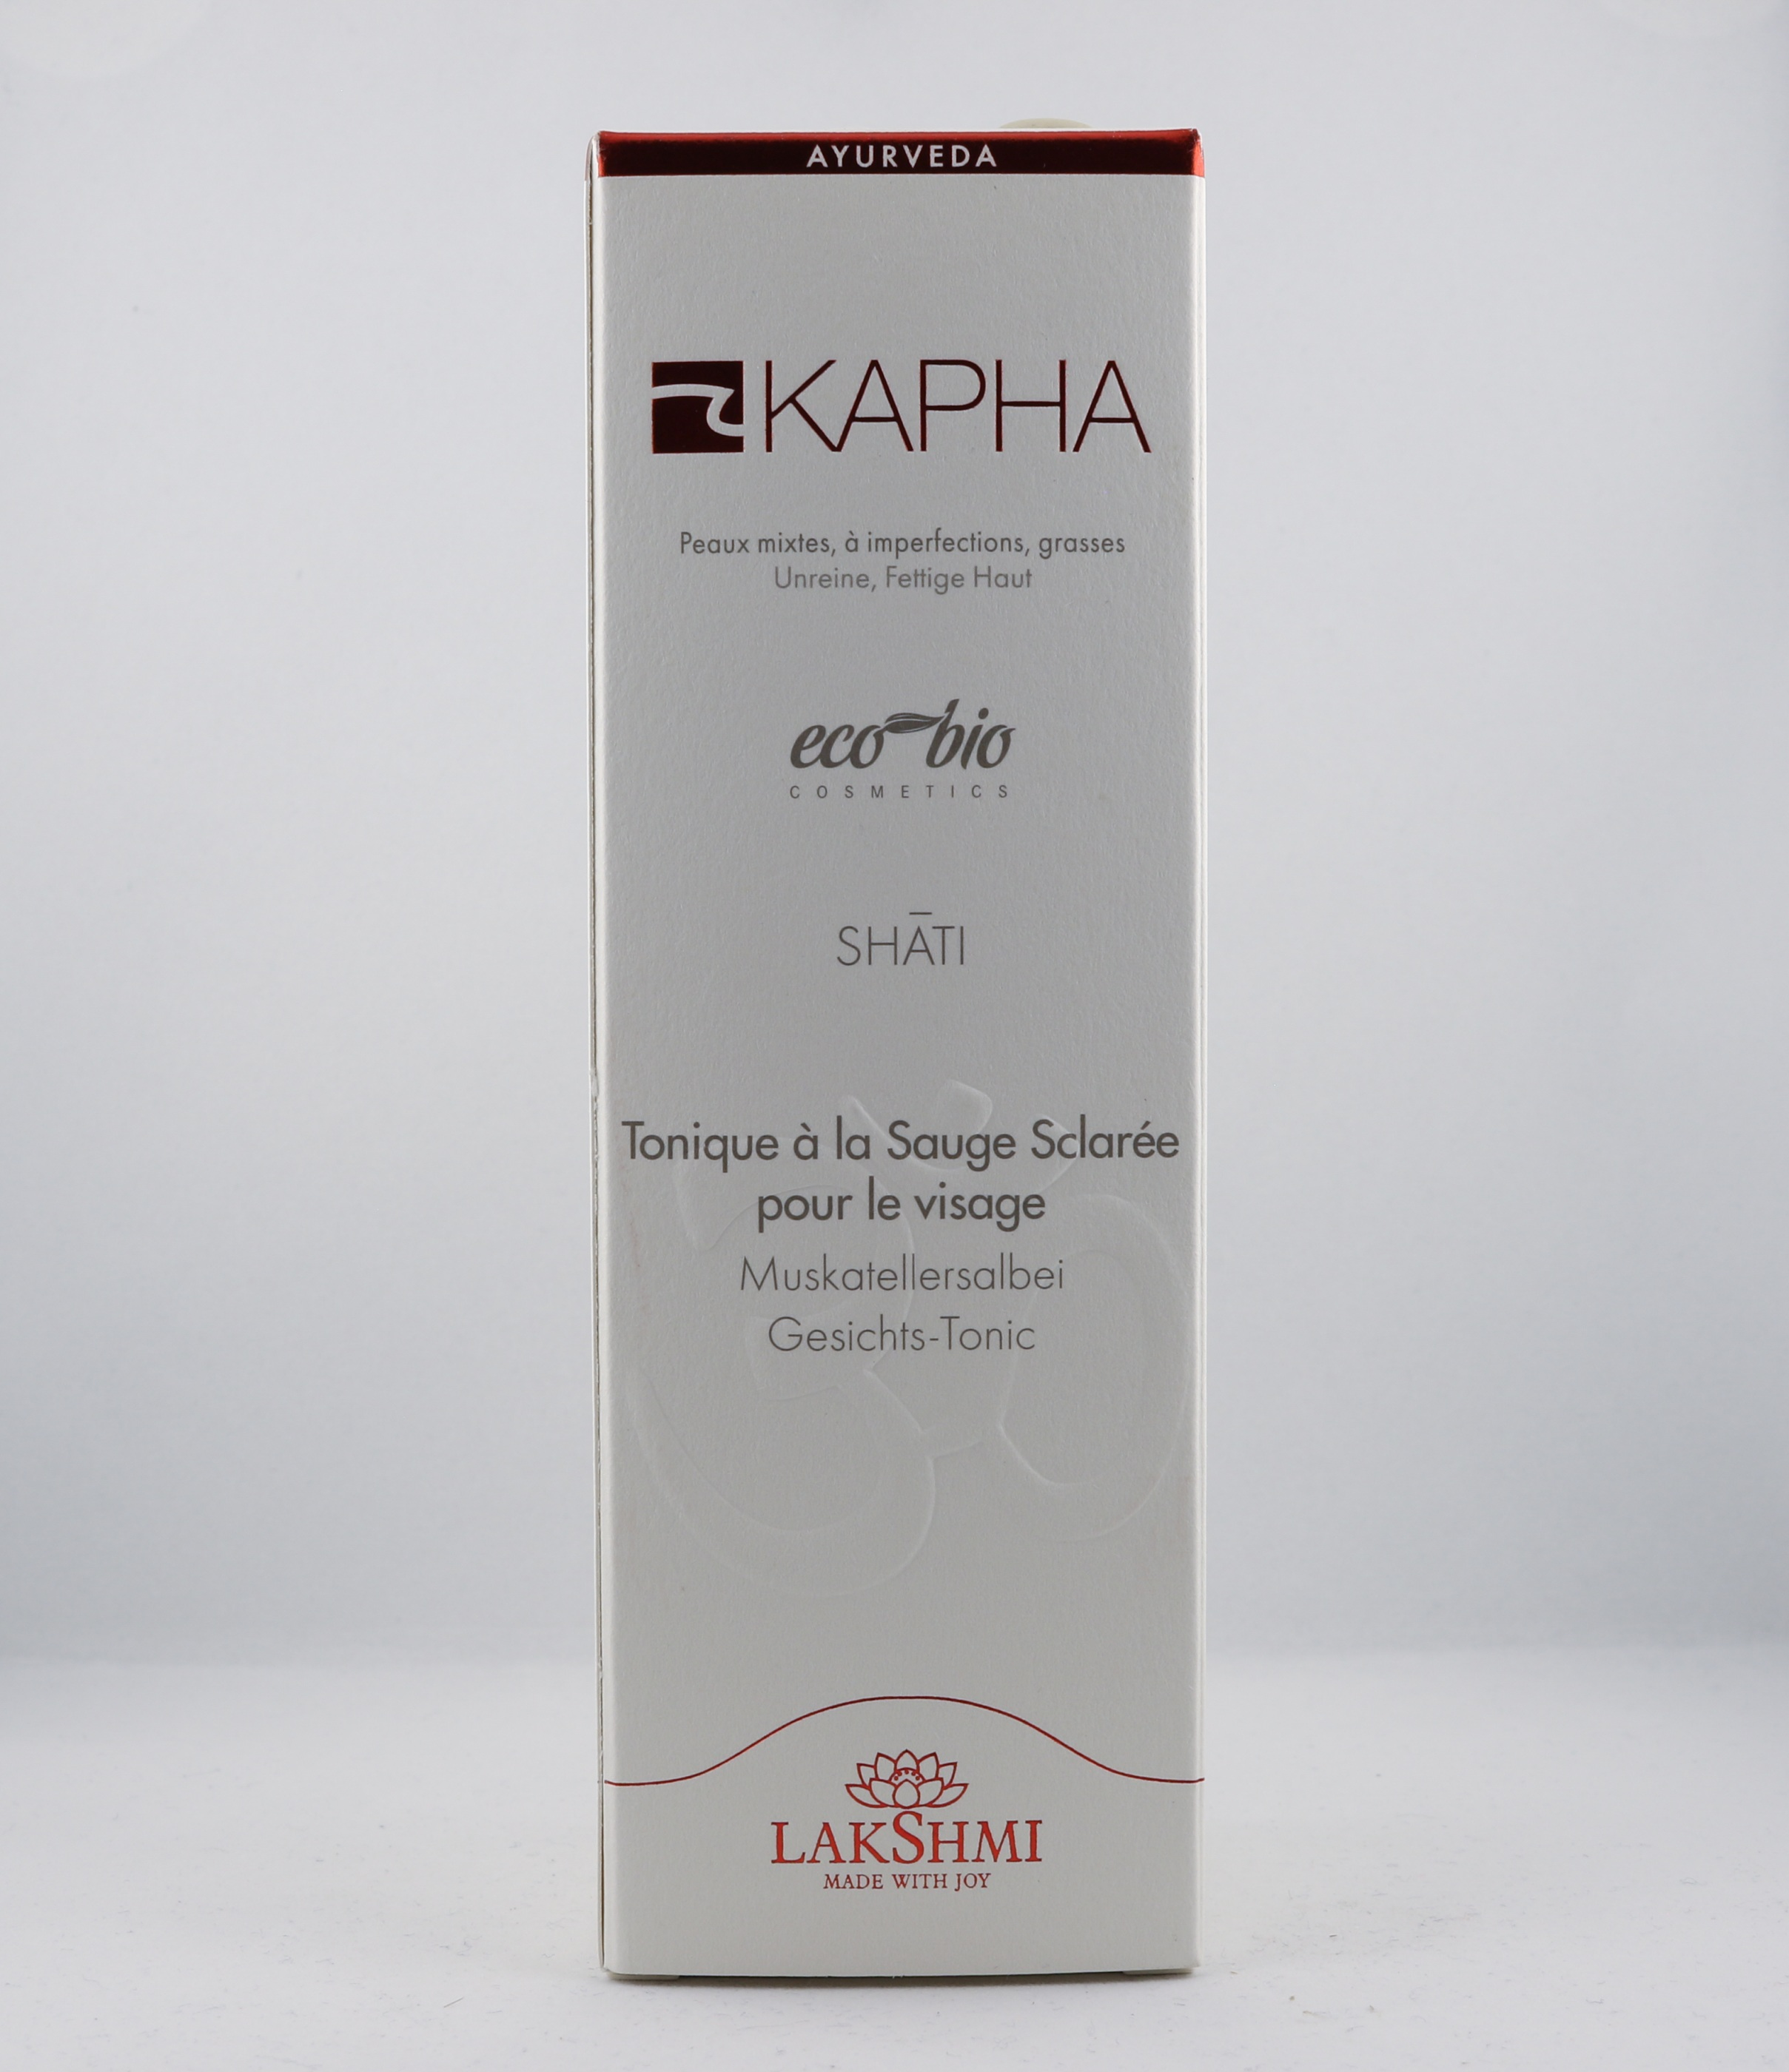 Kapha Clary Sage Face Tonic wellness ayurveda halmstad sweden svensk hudvård